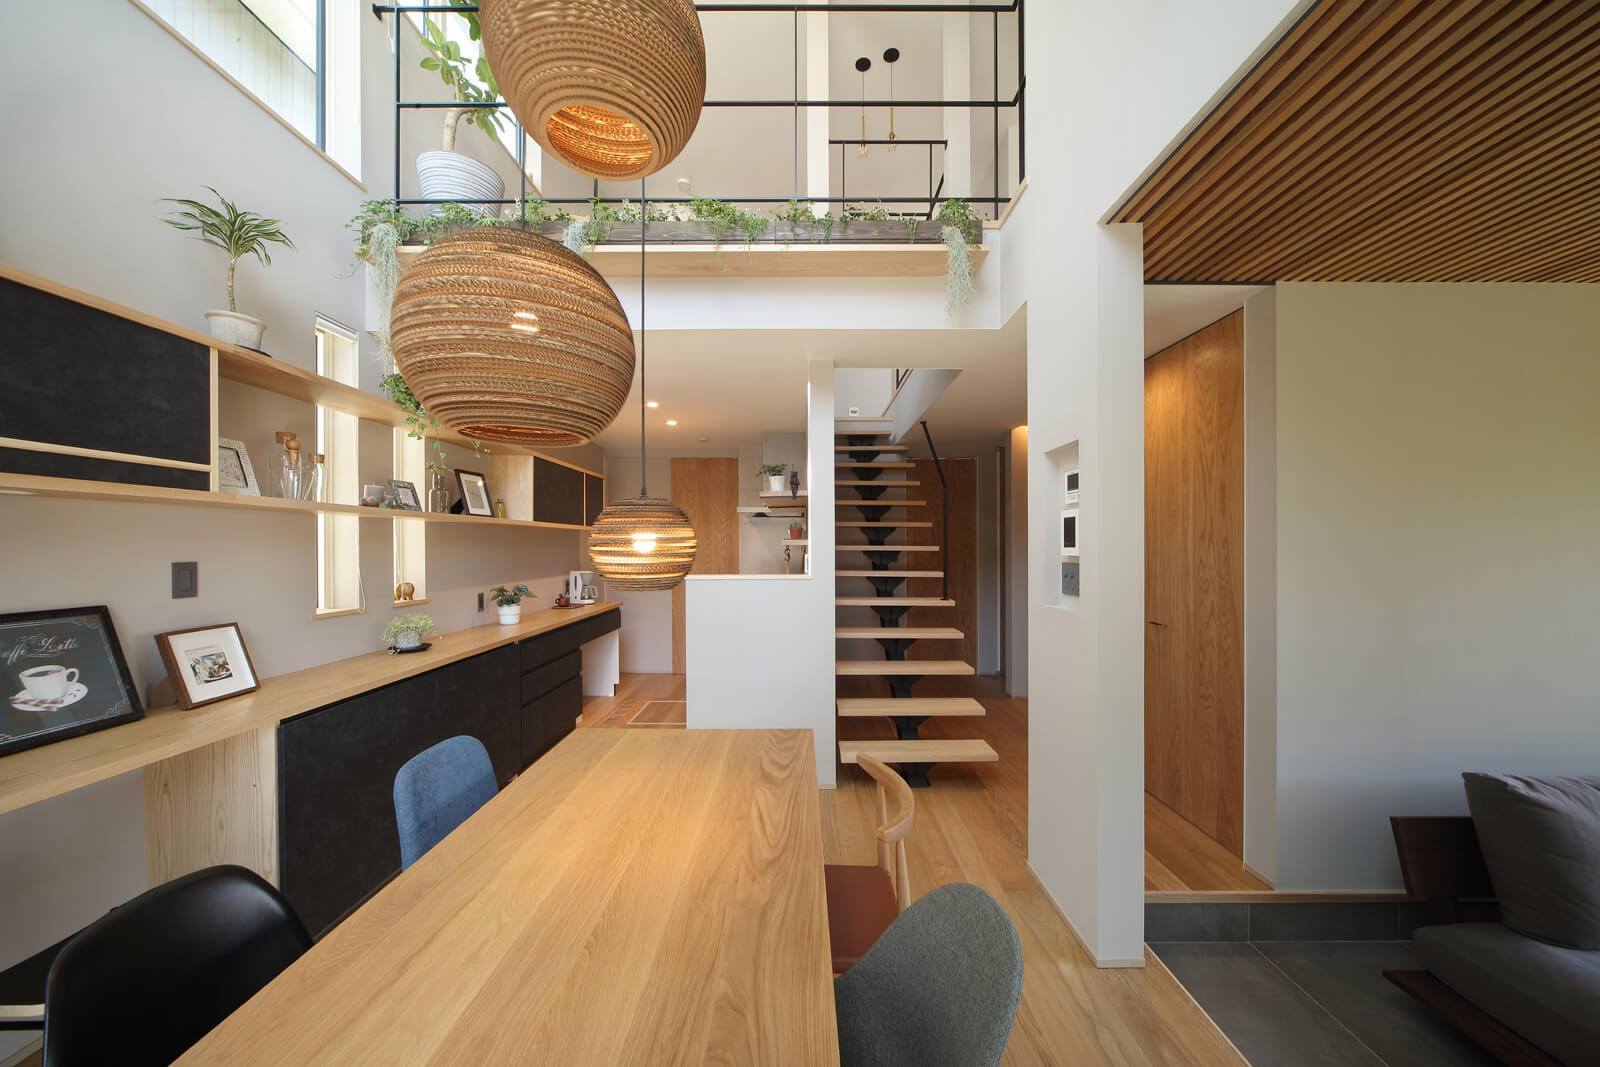 一本力桁の階段を中心に回遊できる造り。キッチンからダイニングまで一体でつくり上げられた壁面収納は子どもの勉強スペースにも最適